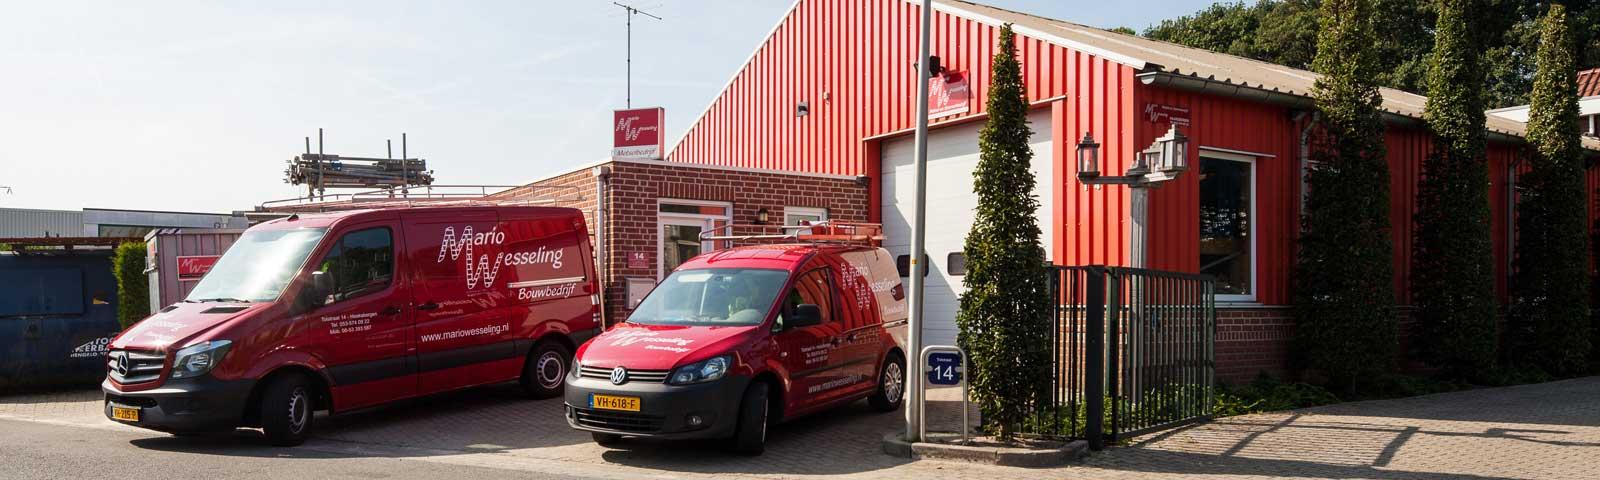 Bouwbedrijf Haaksbergen voorkant gebouw Mario Wesseling